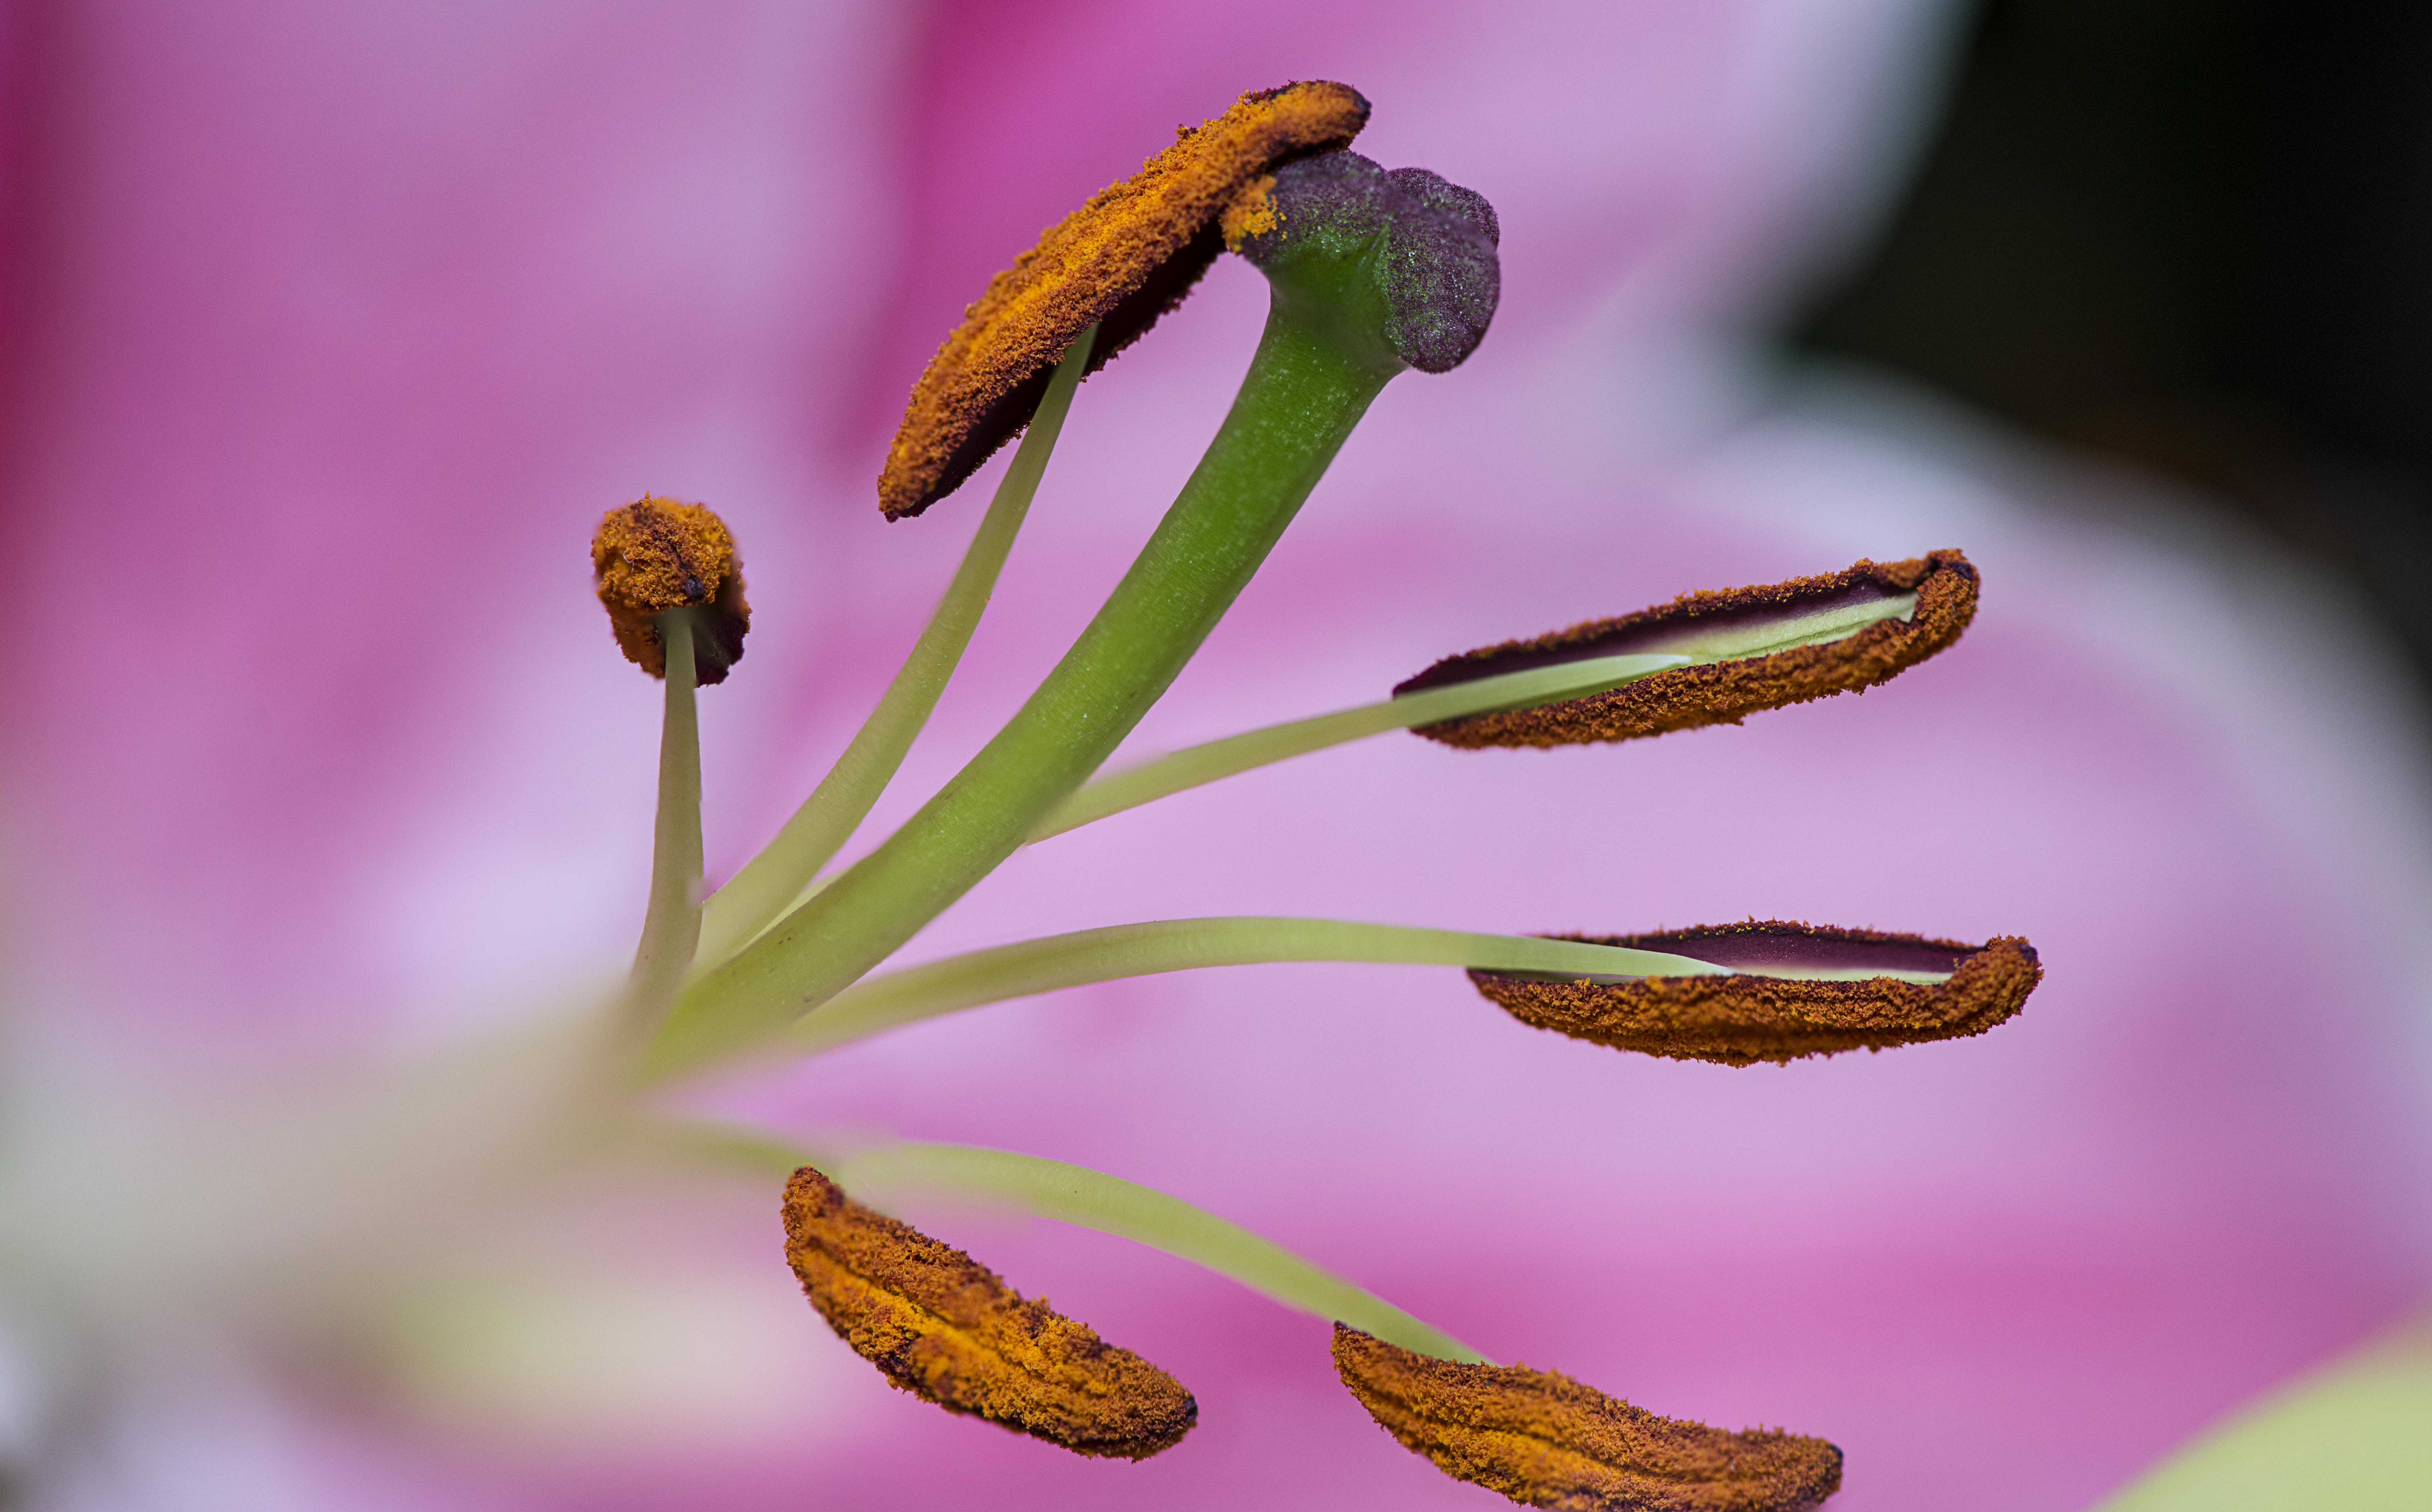 Fileallergies in full bloom unsplashg wikimedia commons fileallergies in full bloom unsplashg izmirmasajfo Gallery